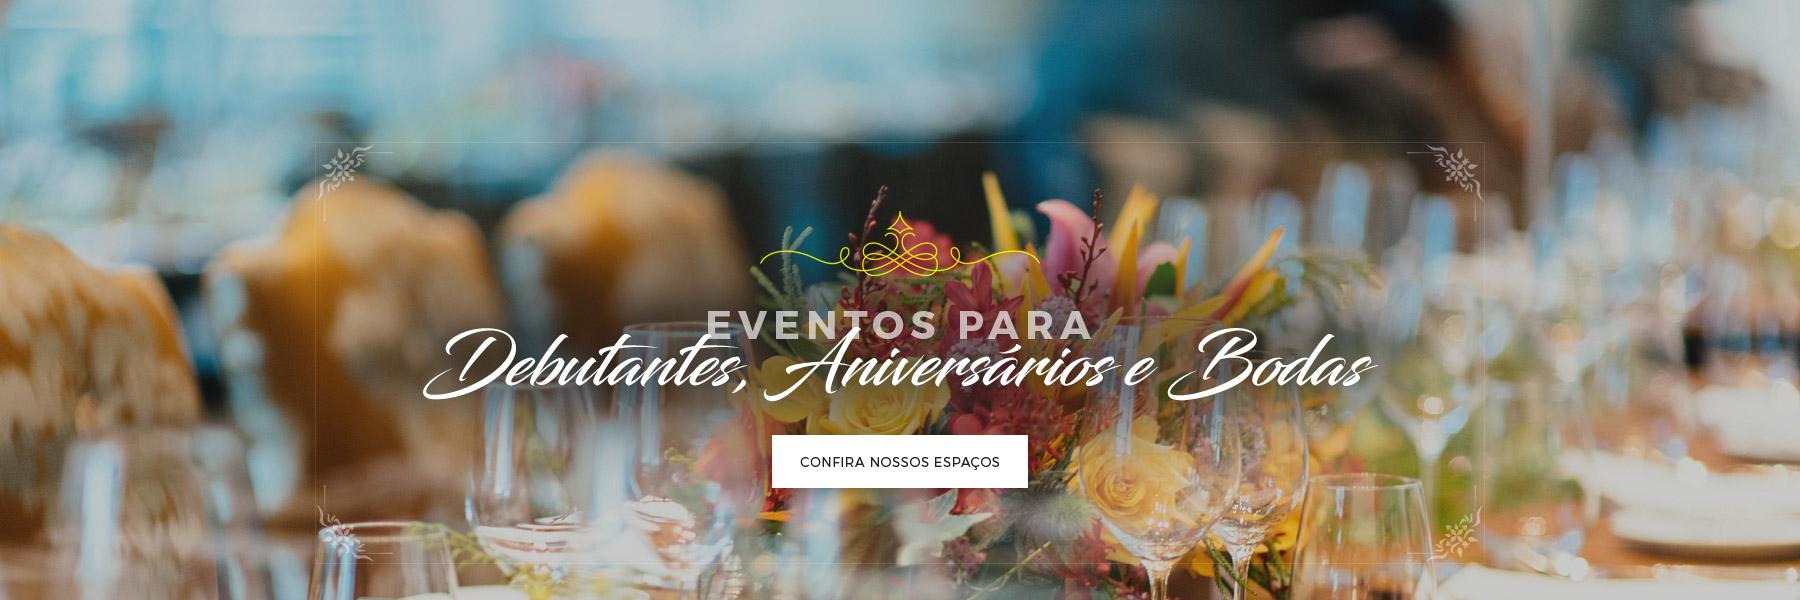 Banner eventos para debutantes